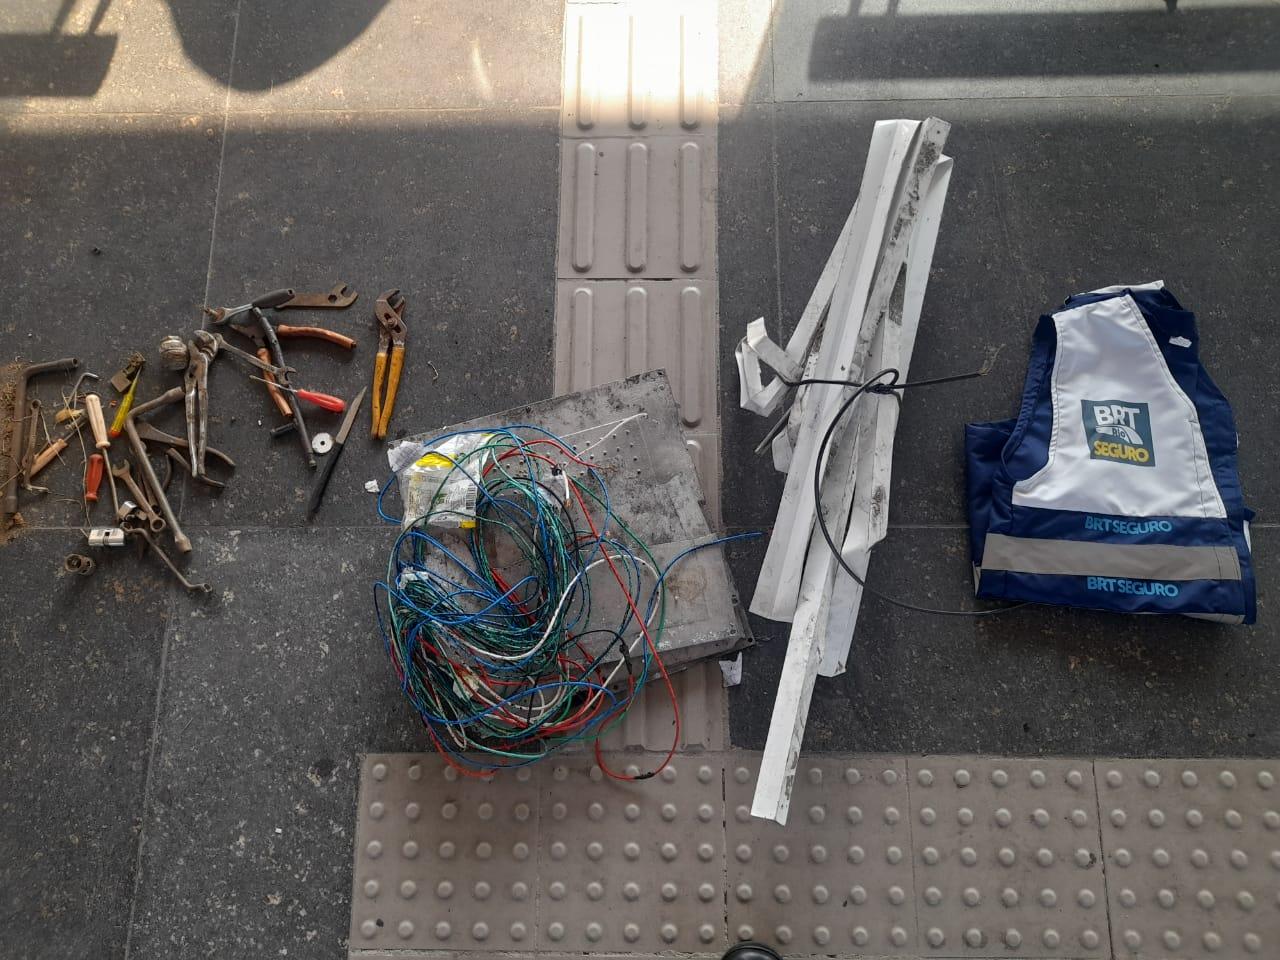 imagem de cabos e fios no chão da estação do BRT